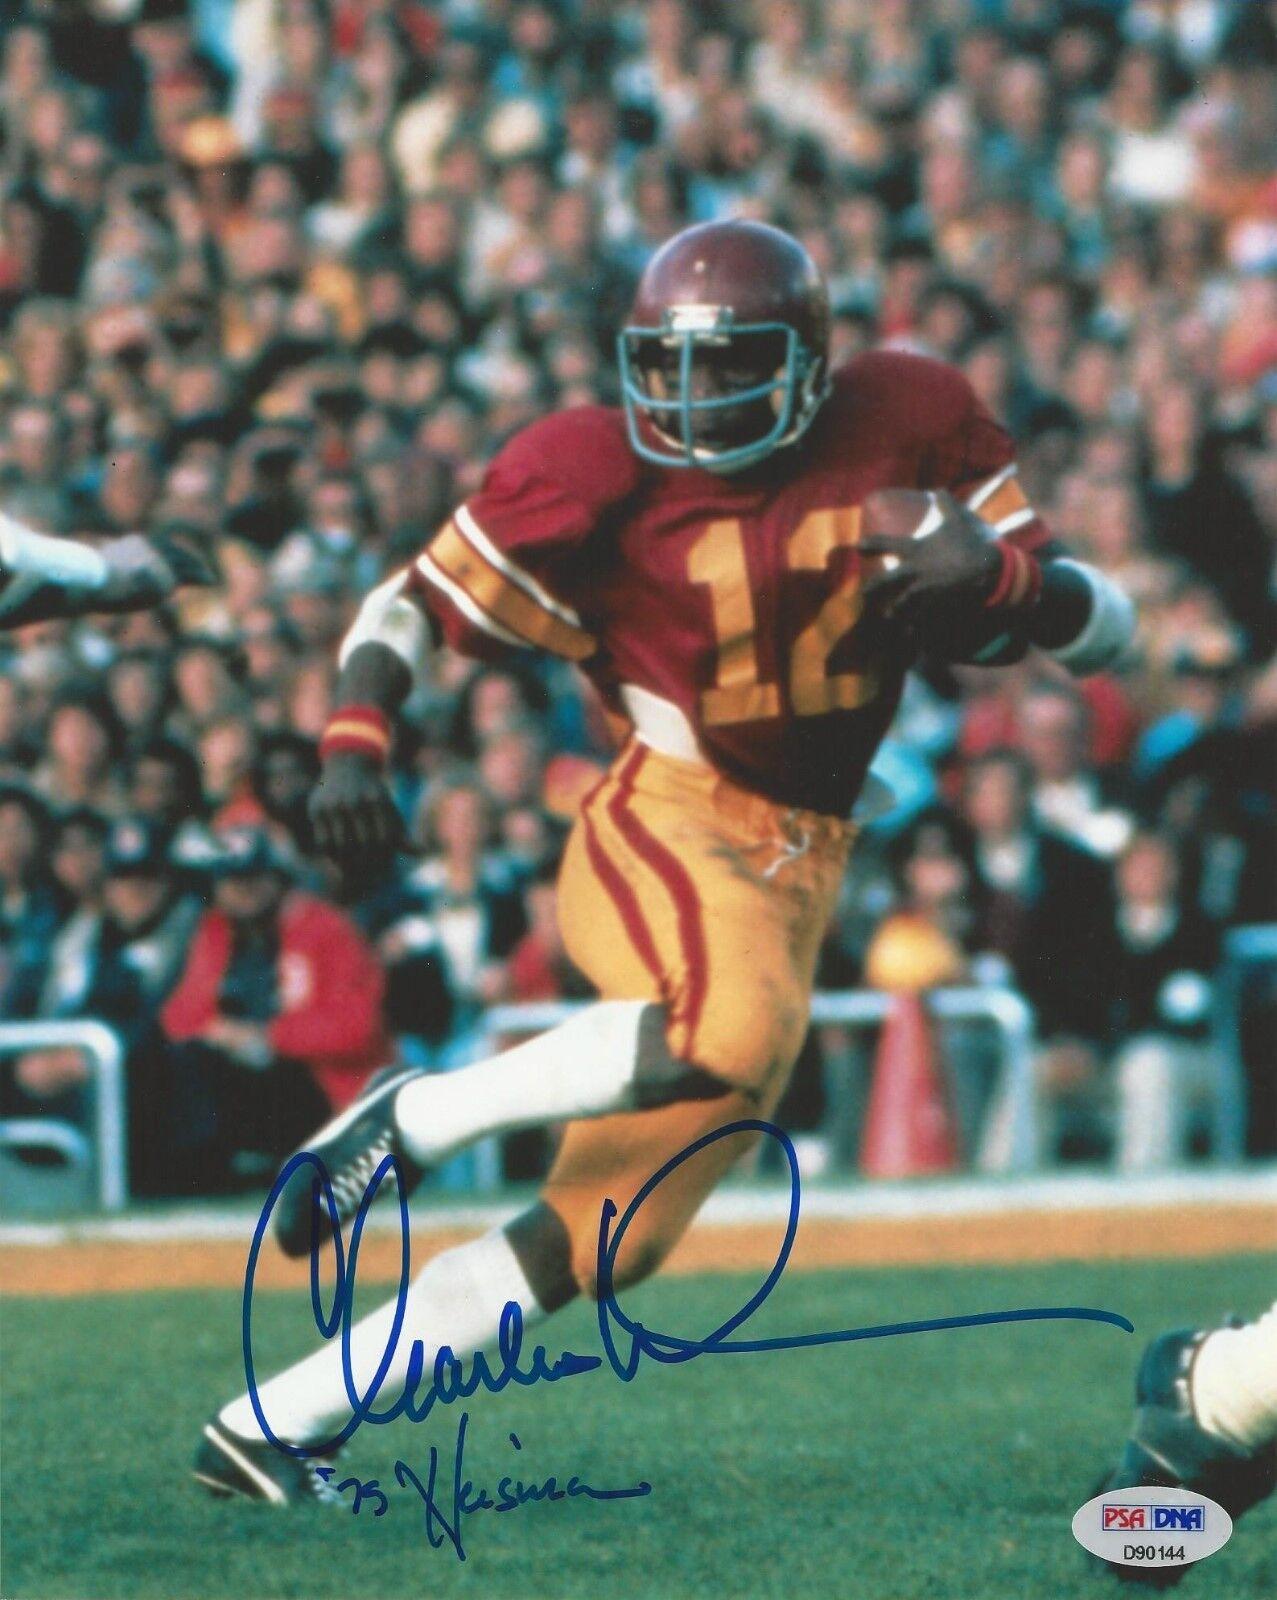 Charles White USC Trojans signed 8x10 photo PSA/DNA #D90144